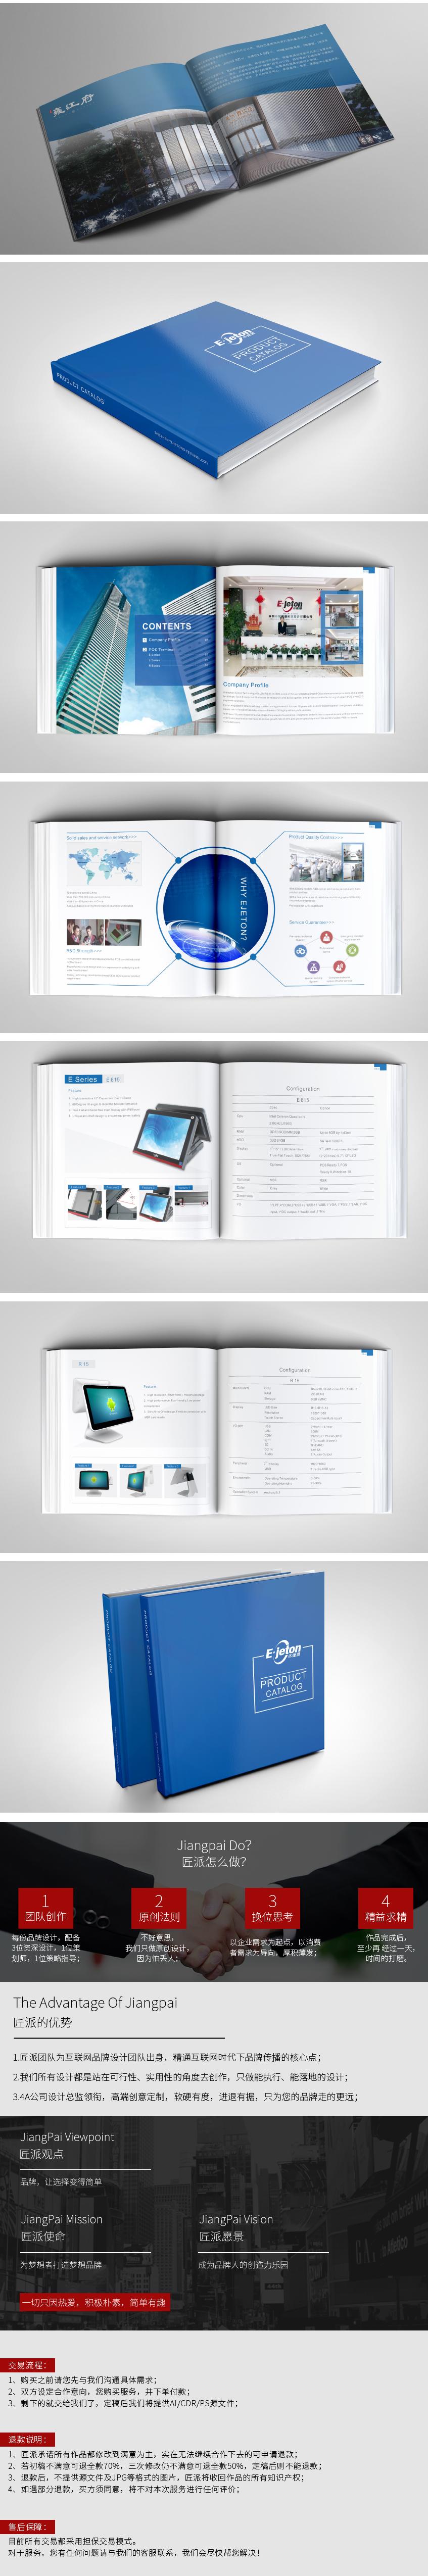 _产品画册纪念画册企业画册形象宣传产品展示使用说明宣传品设计2